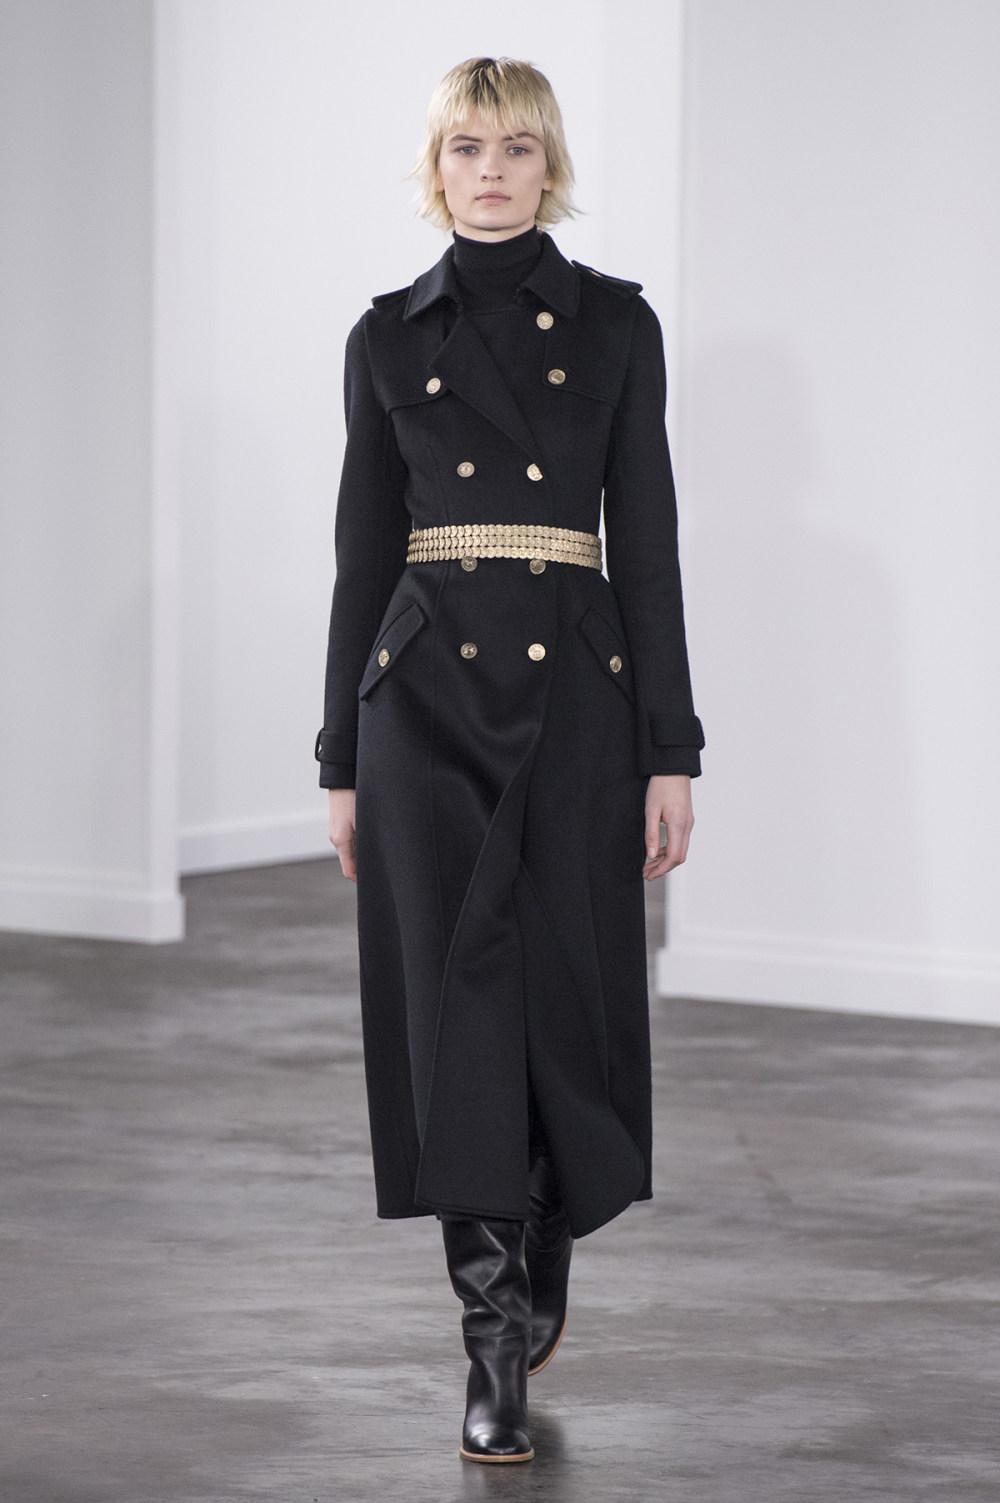 Gabriela Hearst时装系列细条纹西装和宽大毛衣之间形成鲜明对比-1.jpg